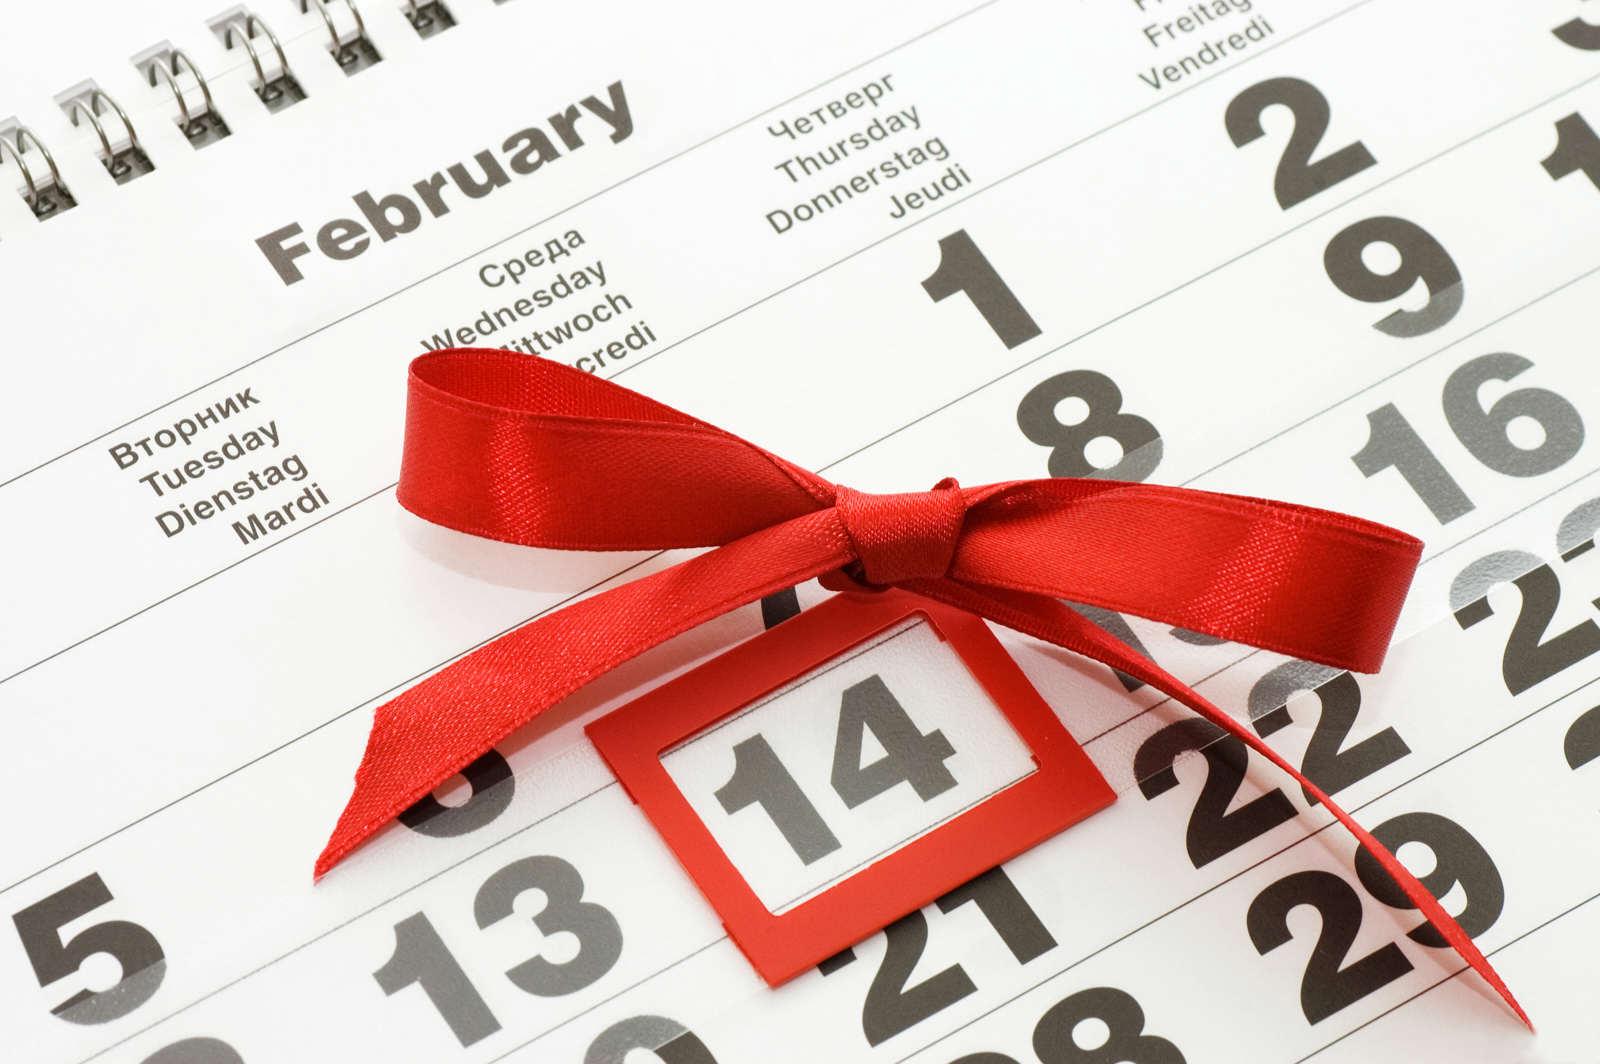 ЮрКисс поздравляет всех с днем Святого Валентина!